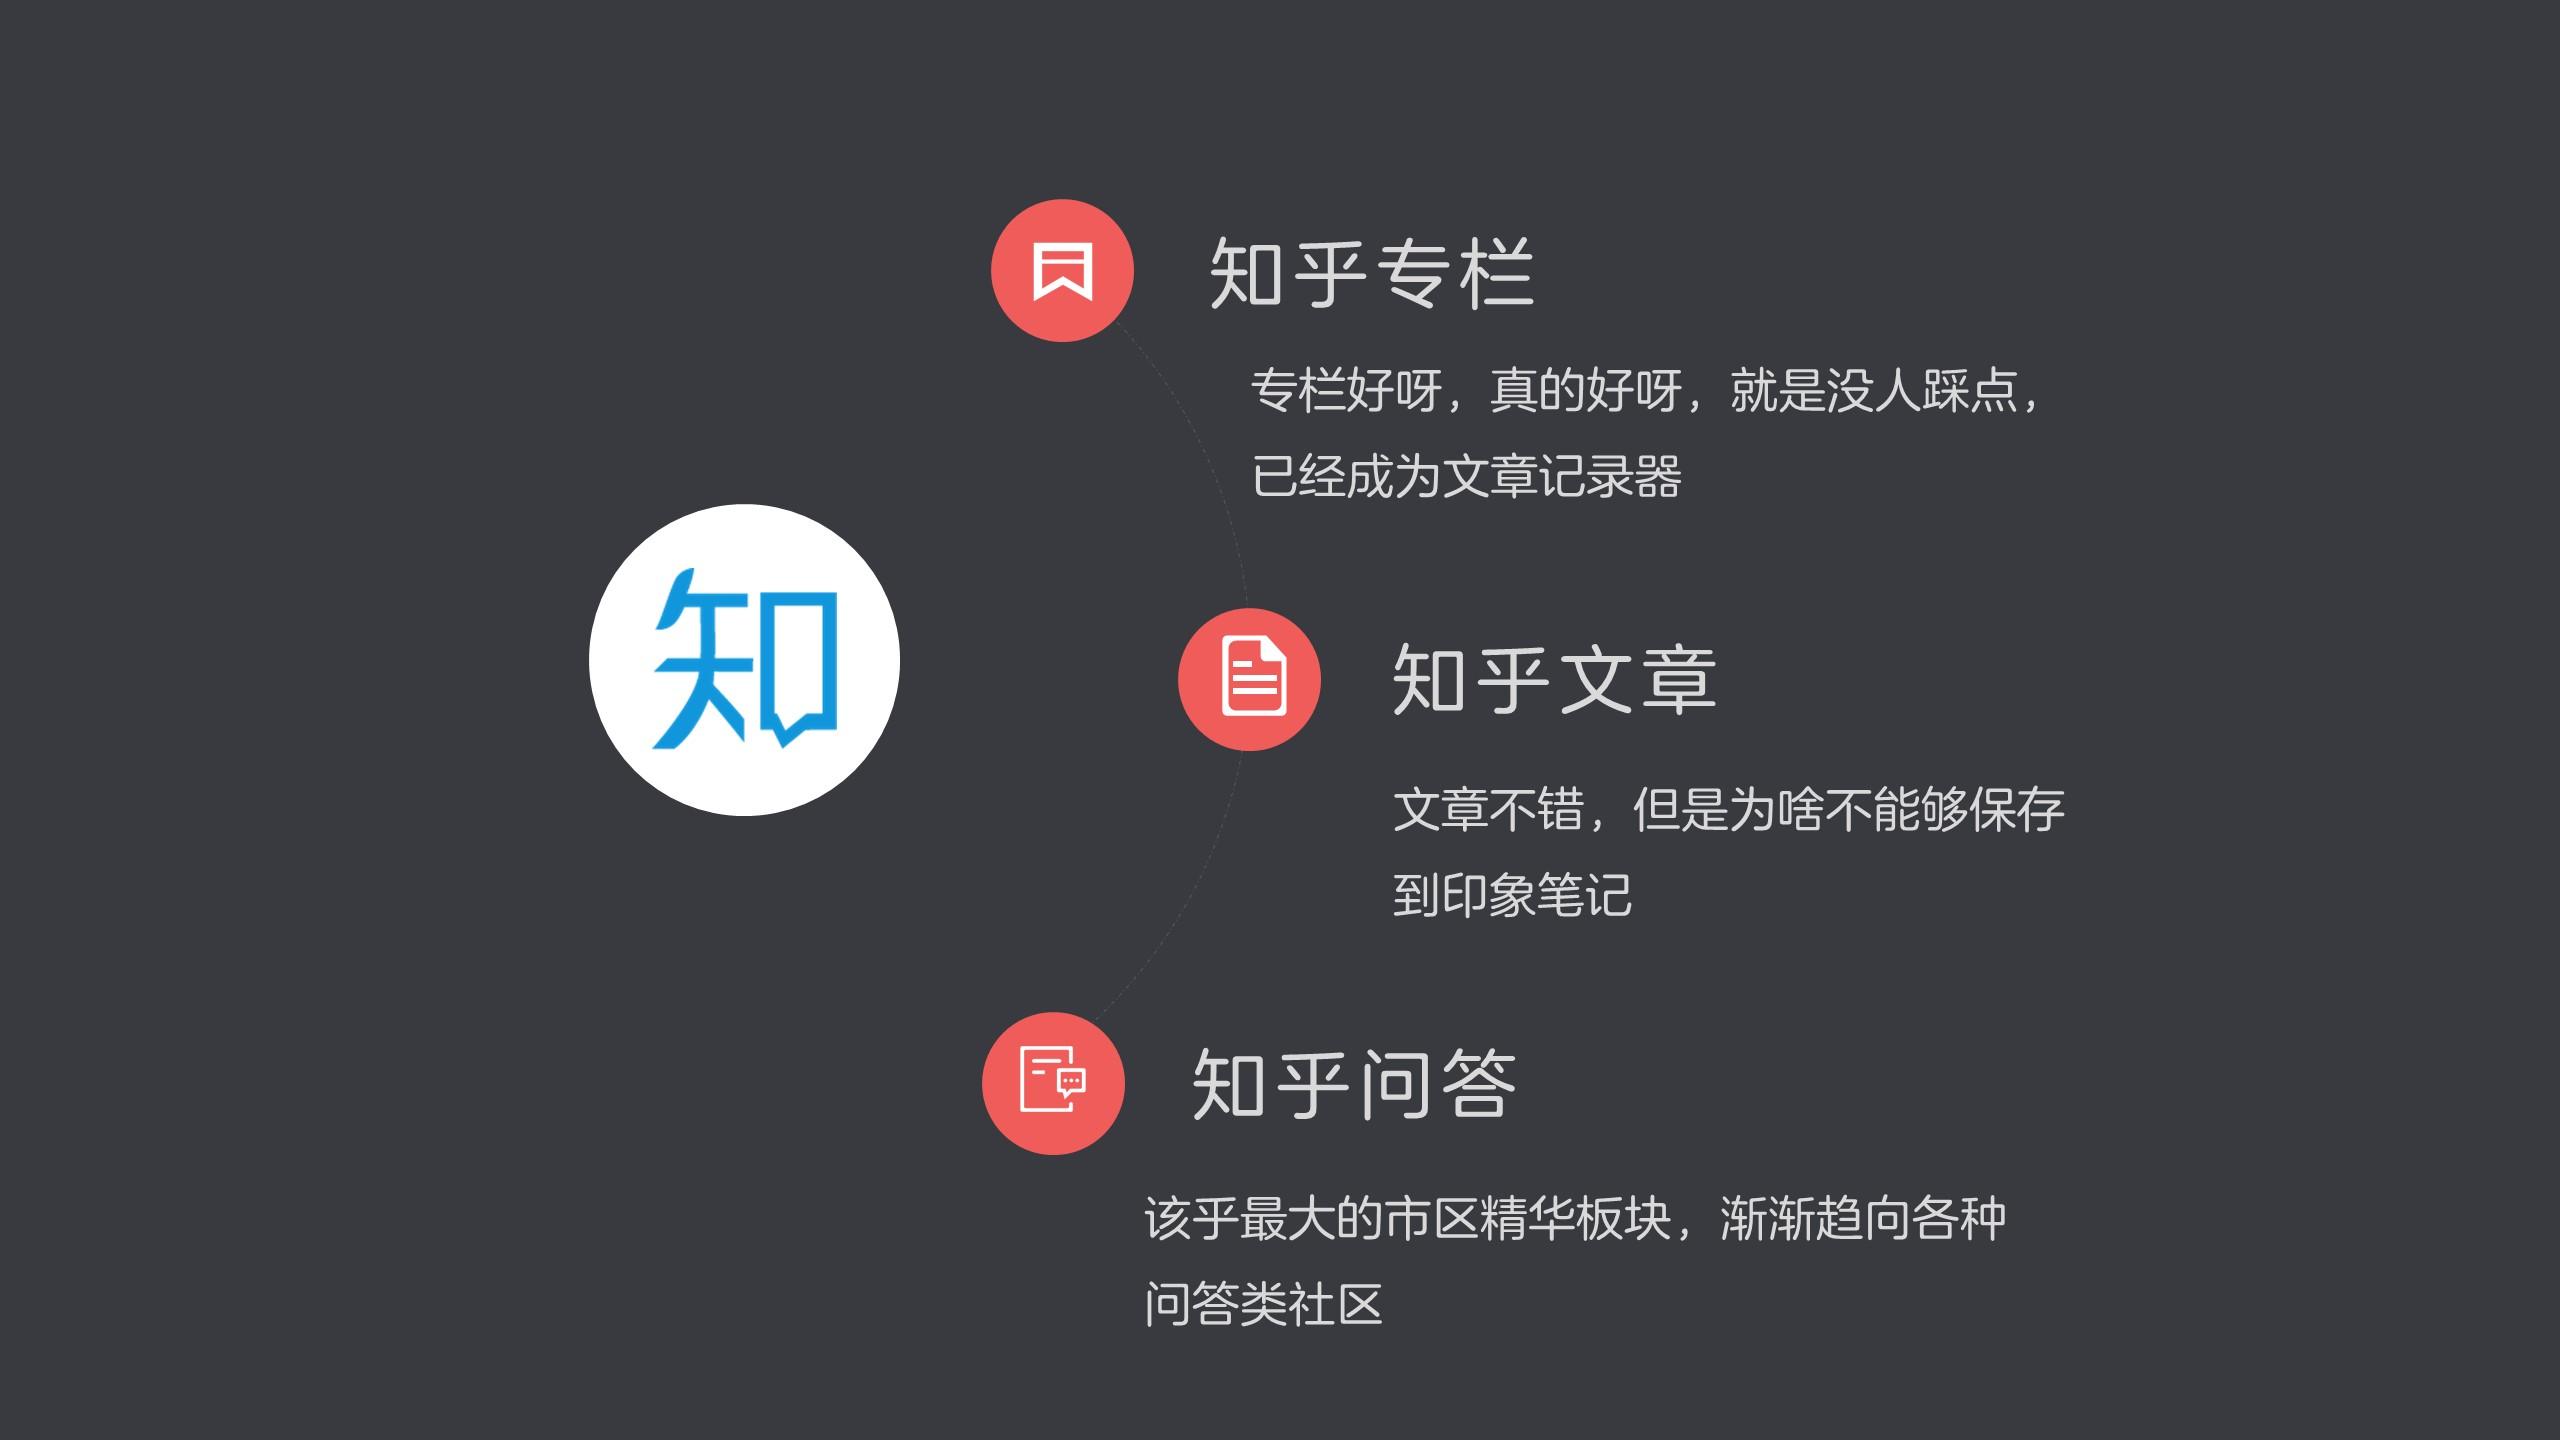 幻灯片中的小图标教程-君陵的ppt小院杂谈4